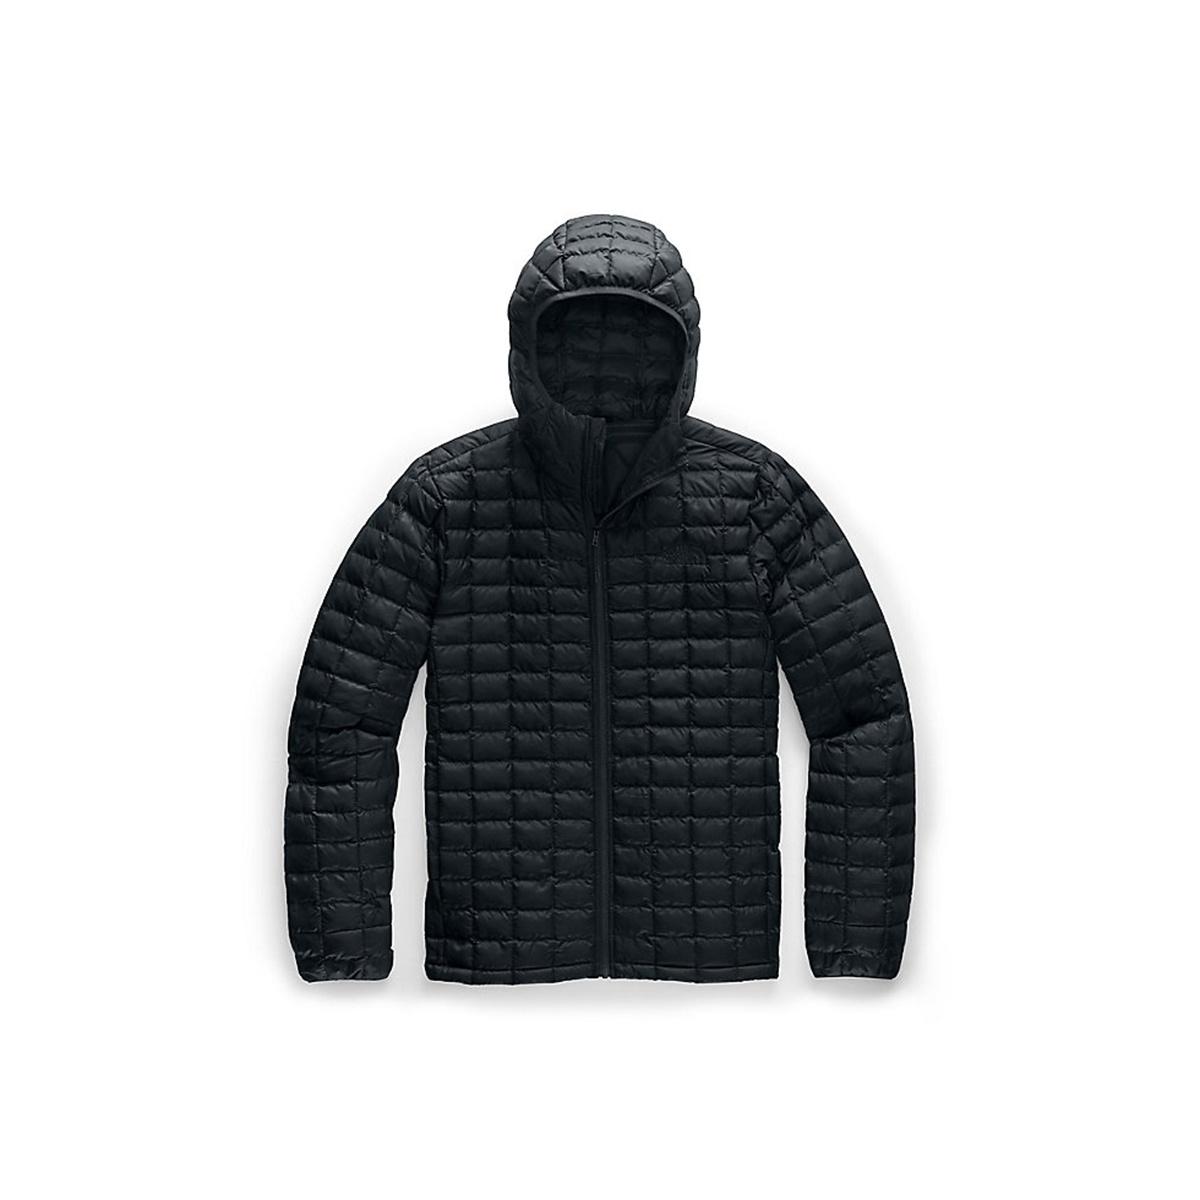 offizieller Laden Werksverkauf autorisierte Website The North Face Men's ThermoBall Eco Jacket